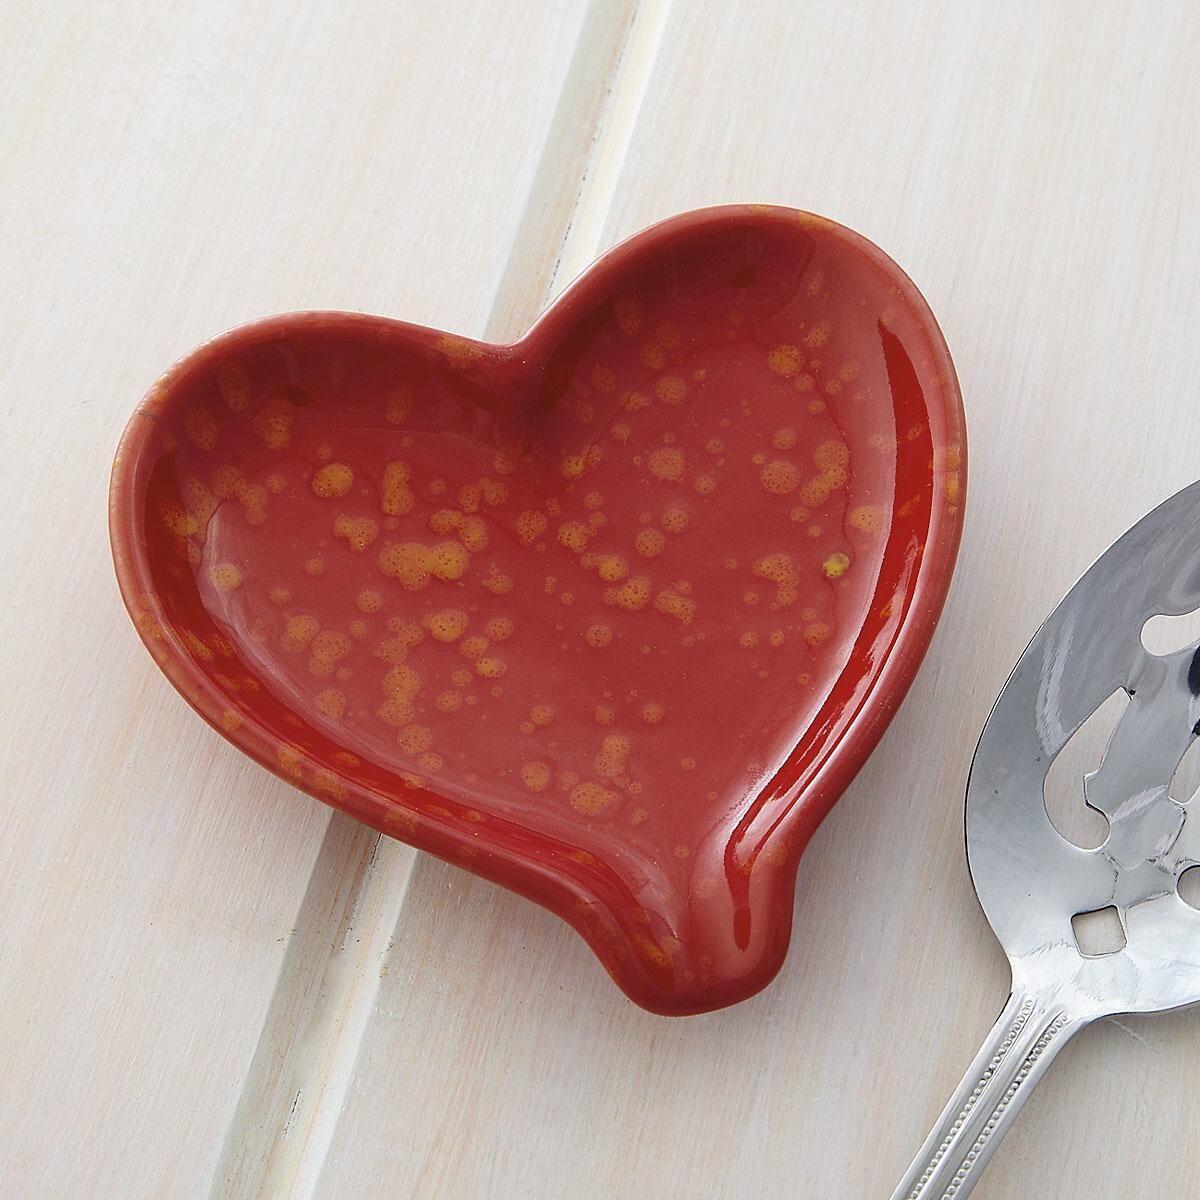 Heart Spoon Rest – Buy 1 Get 1 Free